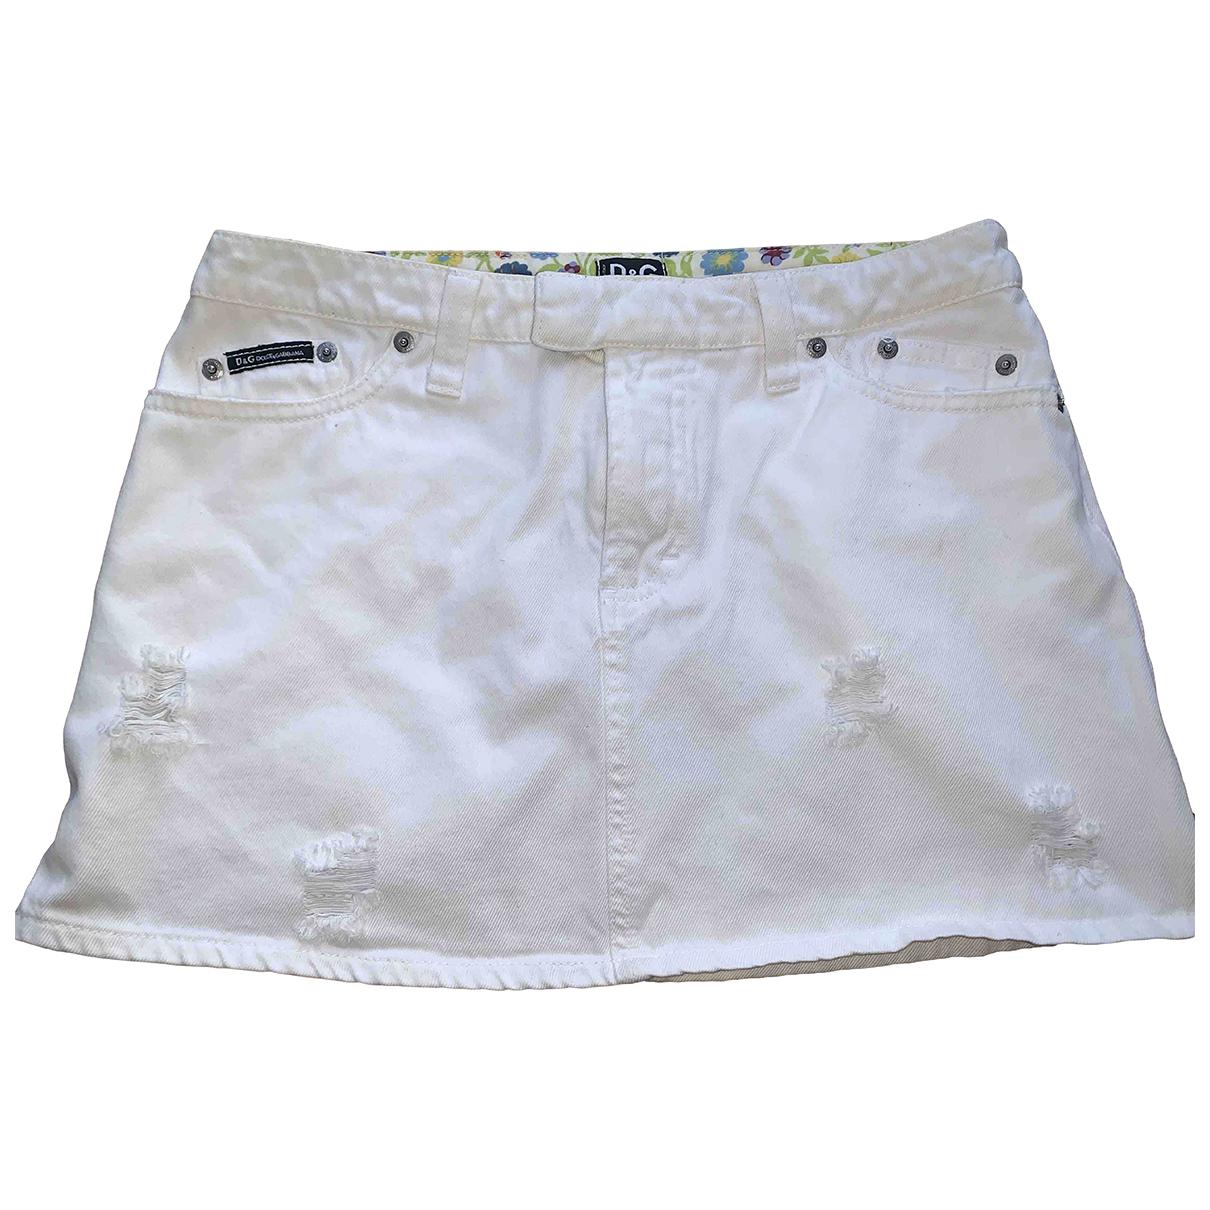 D&g \N Rocke in  Weiss Denim - Jeans